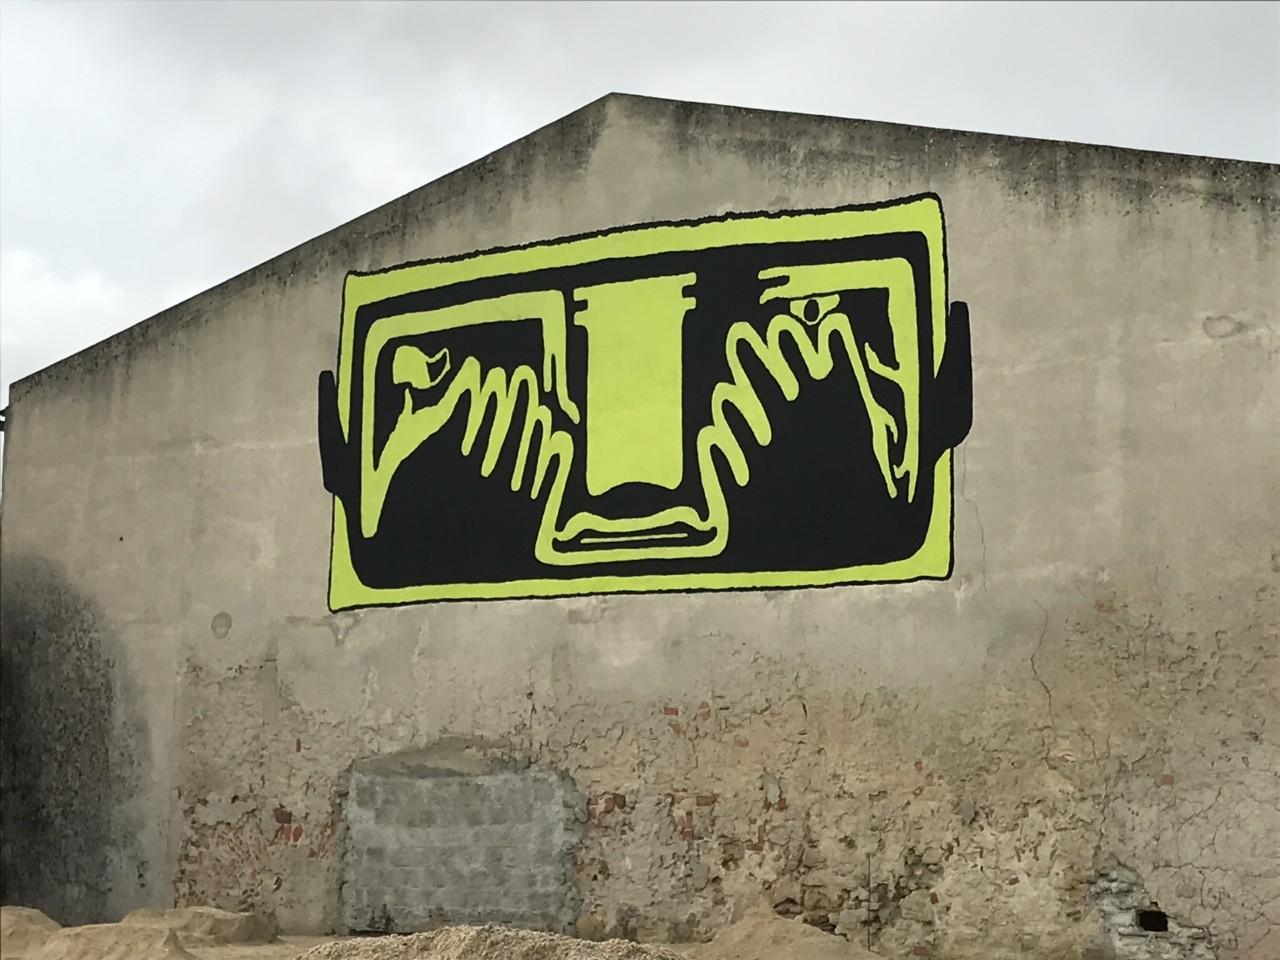 Cova da Piedade-2020-09-22 10.23.16.jpg